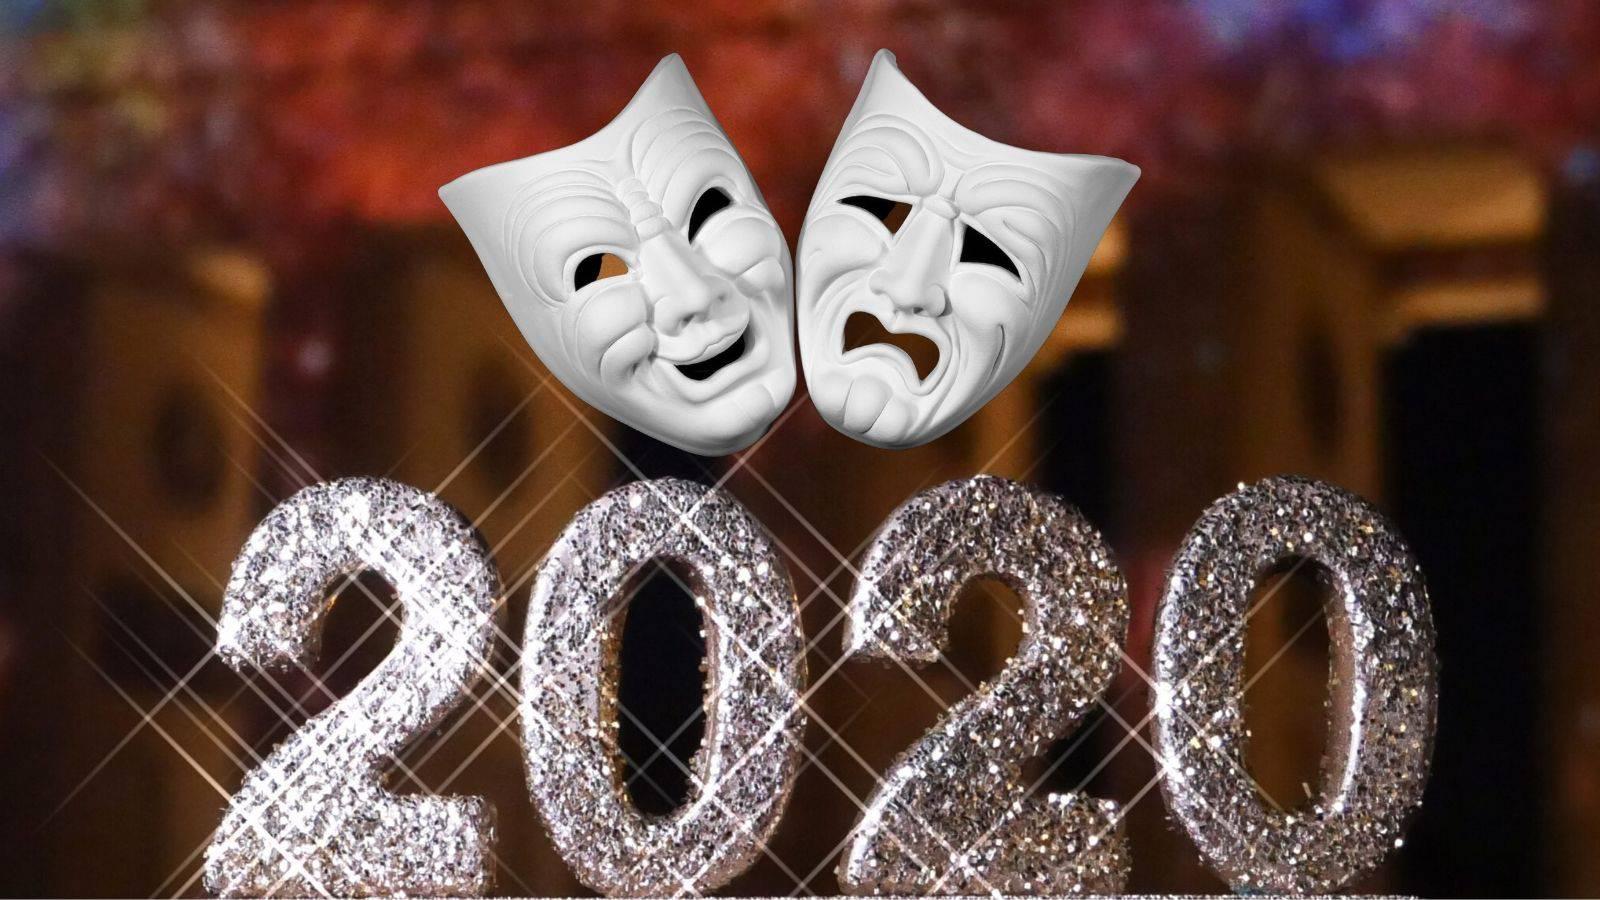 Što nas čeka u 2020.? Porezne olakšice, skuplja kava, otpad...